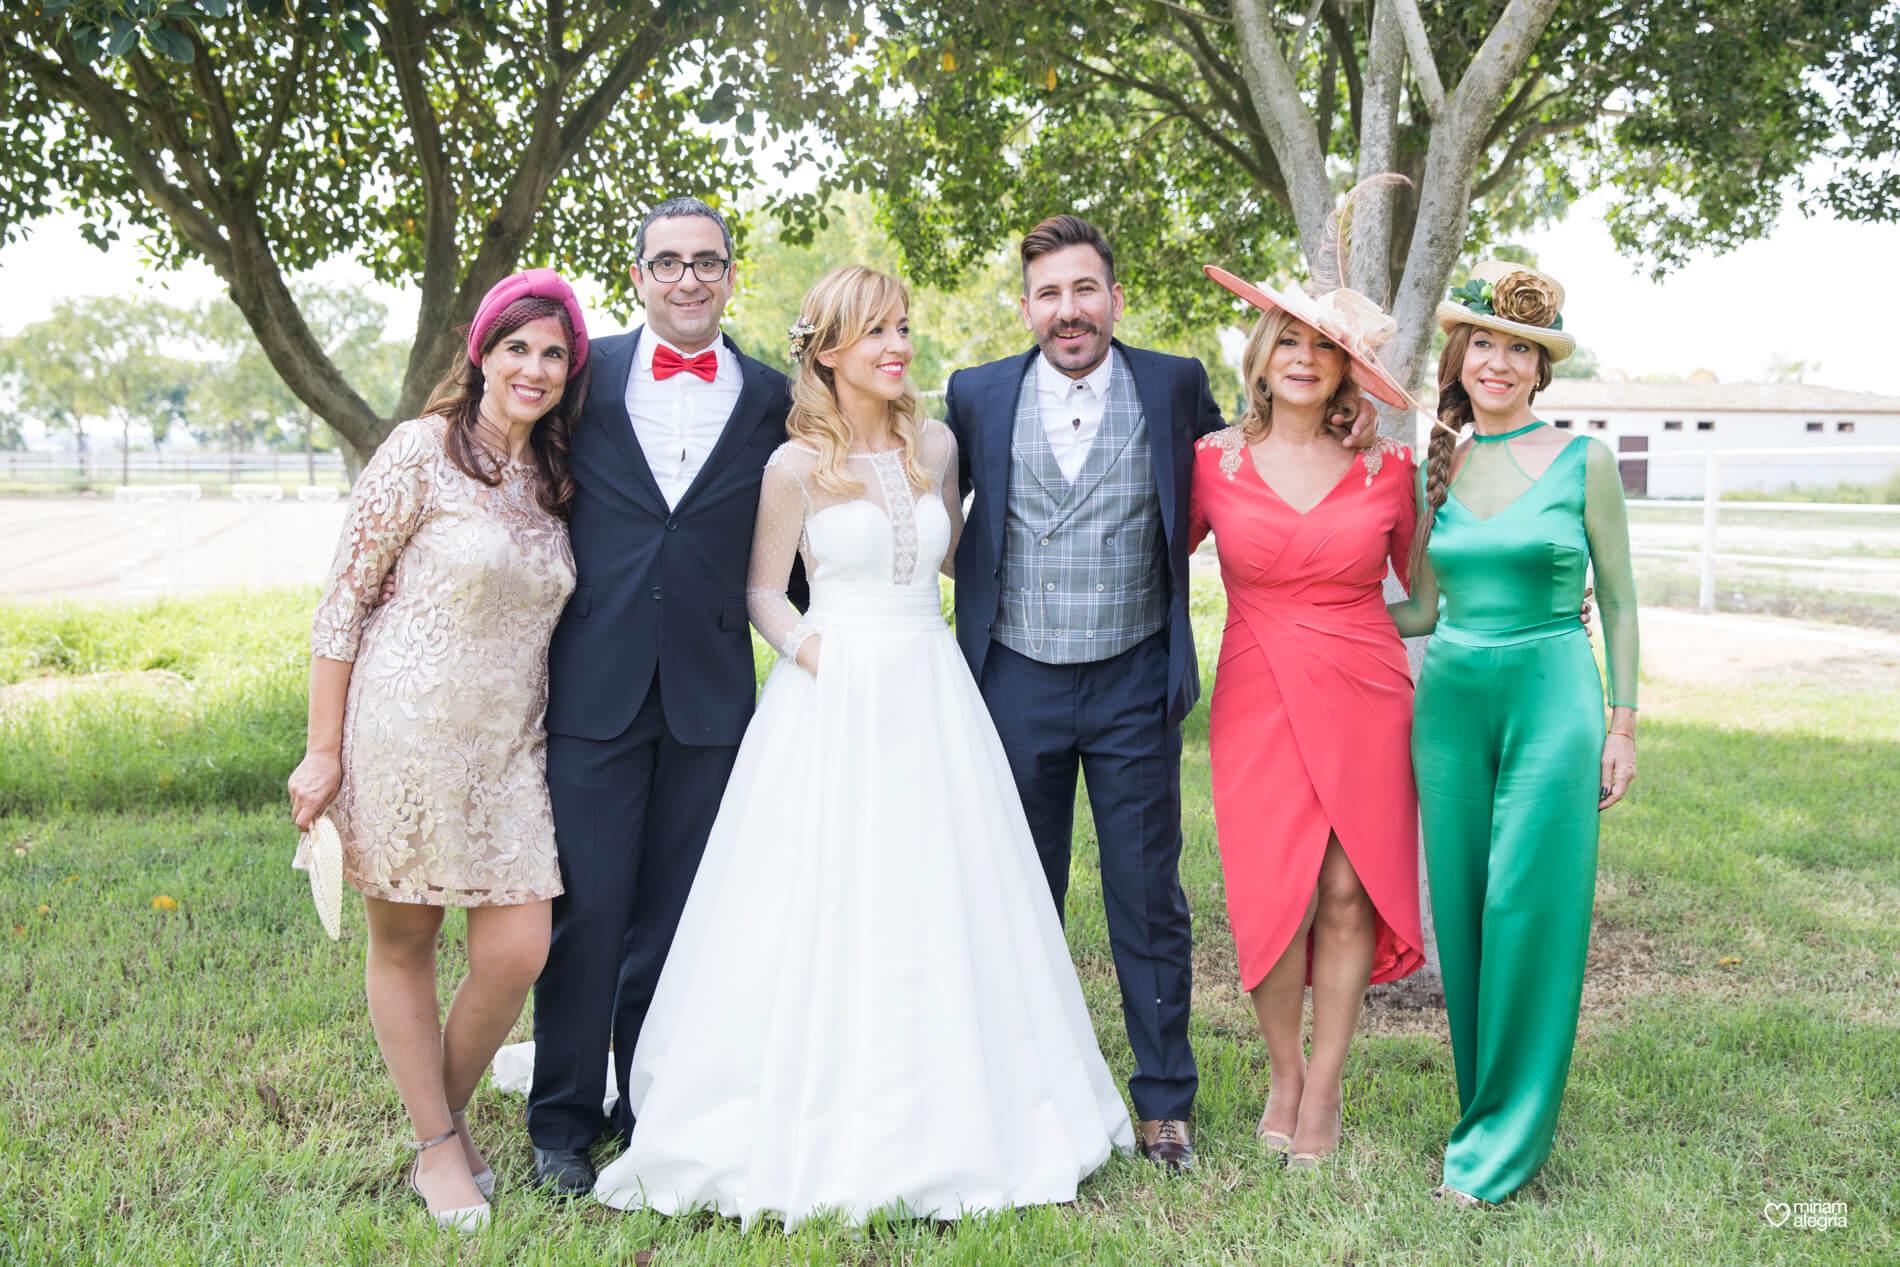 boda-en-finca-villa-vera-de-alemc7-miriam-alegria-fotografos-boda-murcia-139